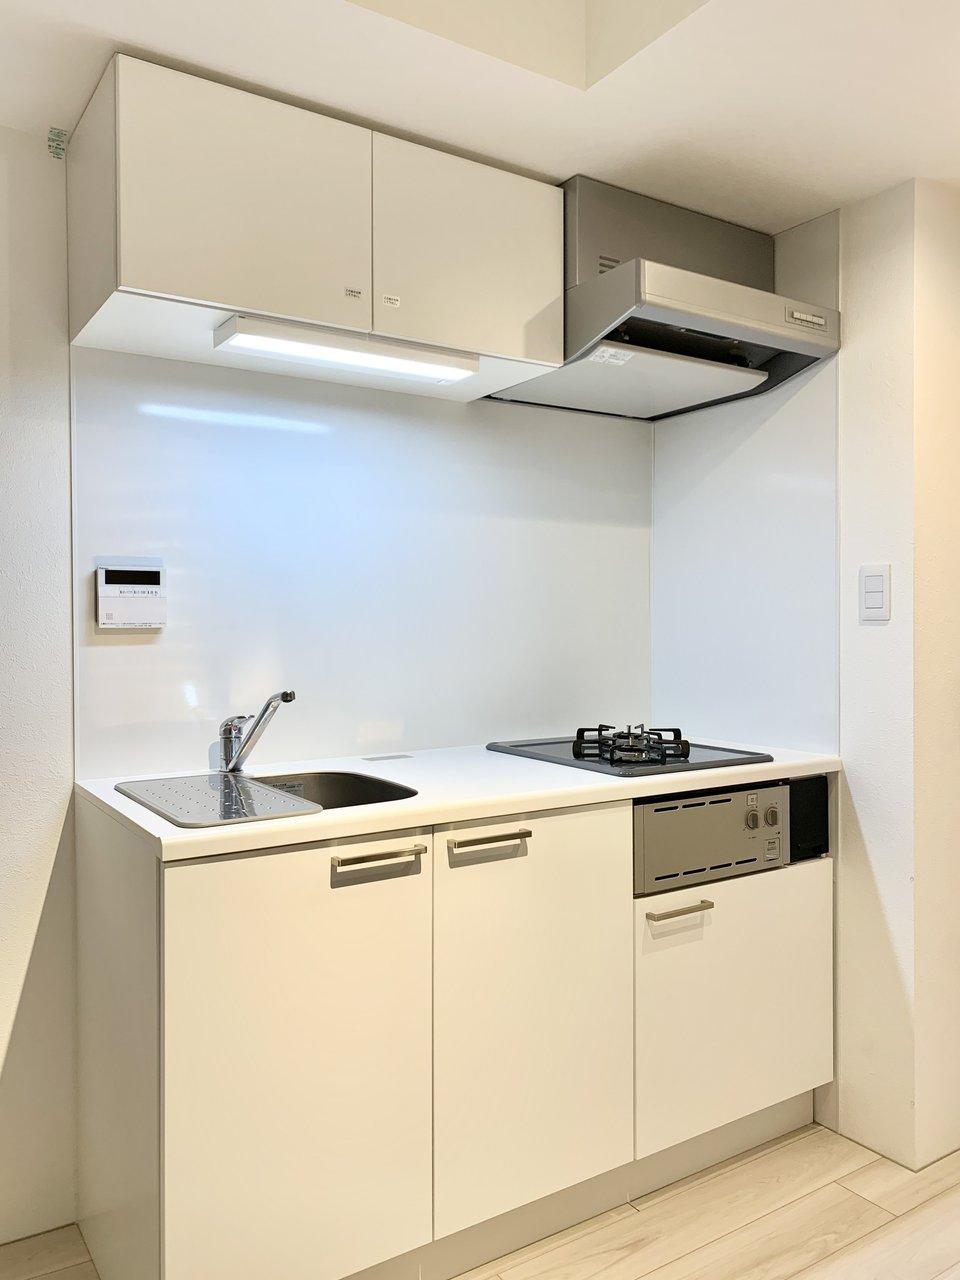 すっと馴染むキッチンは2口コンロ。調理器具もたっぷり入れておけそう。